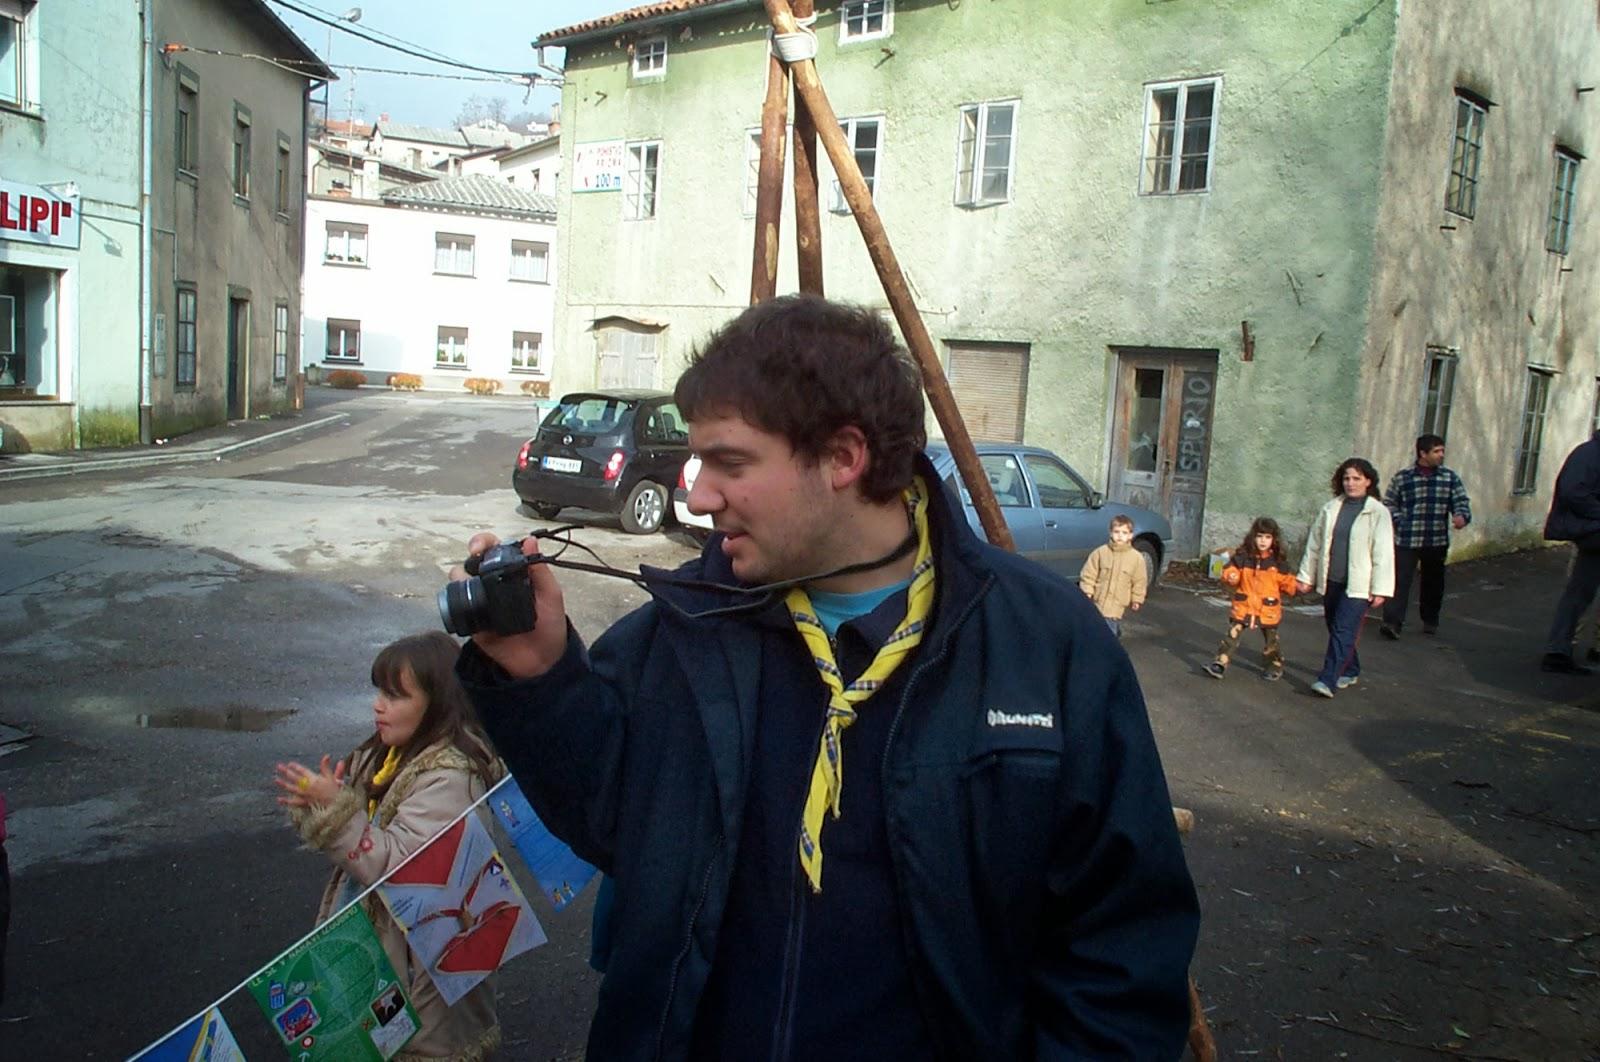 Taborniško druženje, Ilirska Bistrica 2004 - Tabornis%25CC%258Cko%2Bdruz%25CC%258Cenje%2B2004%2B008.jpg